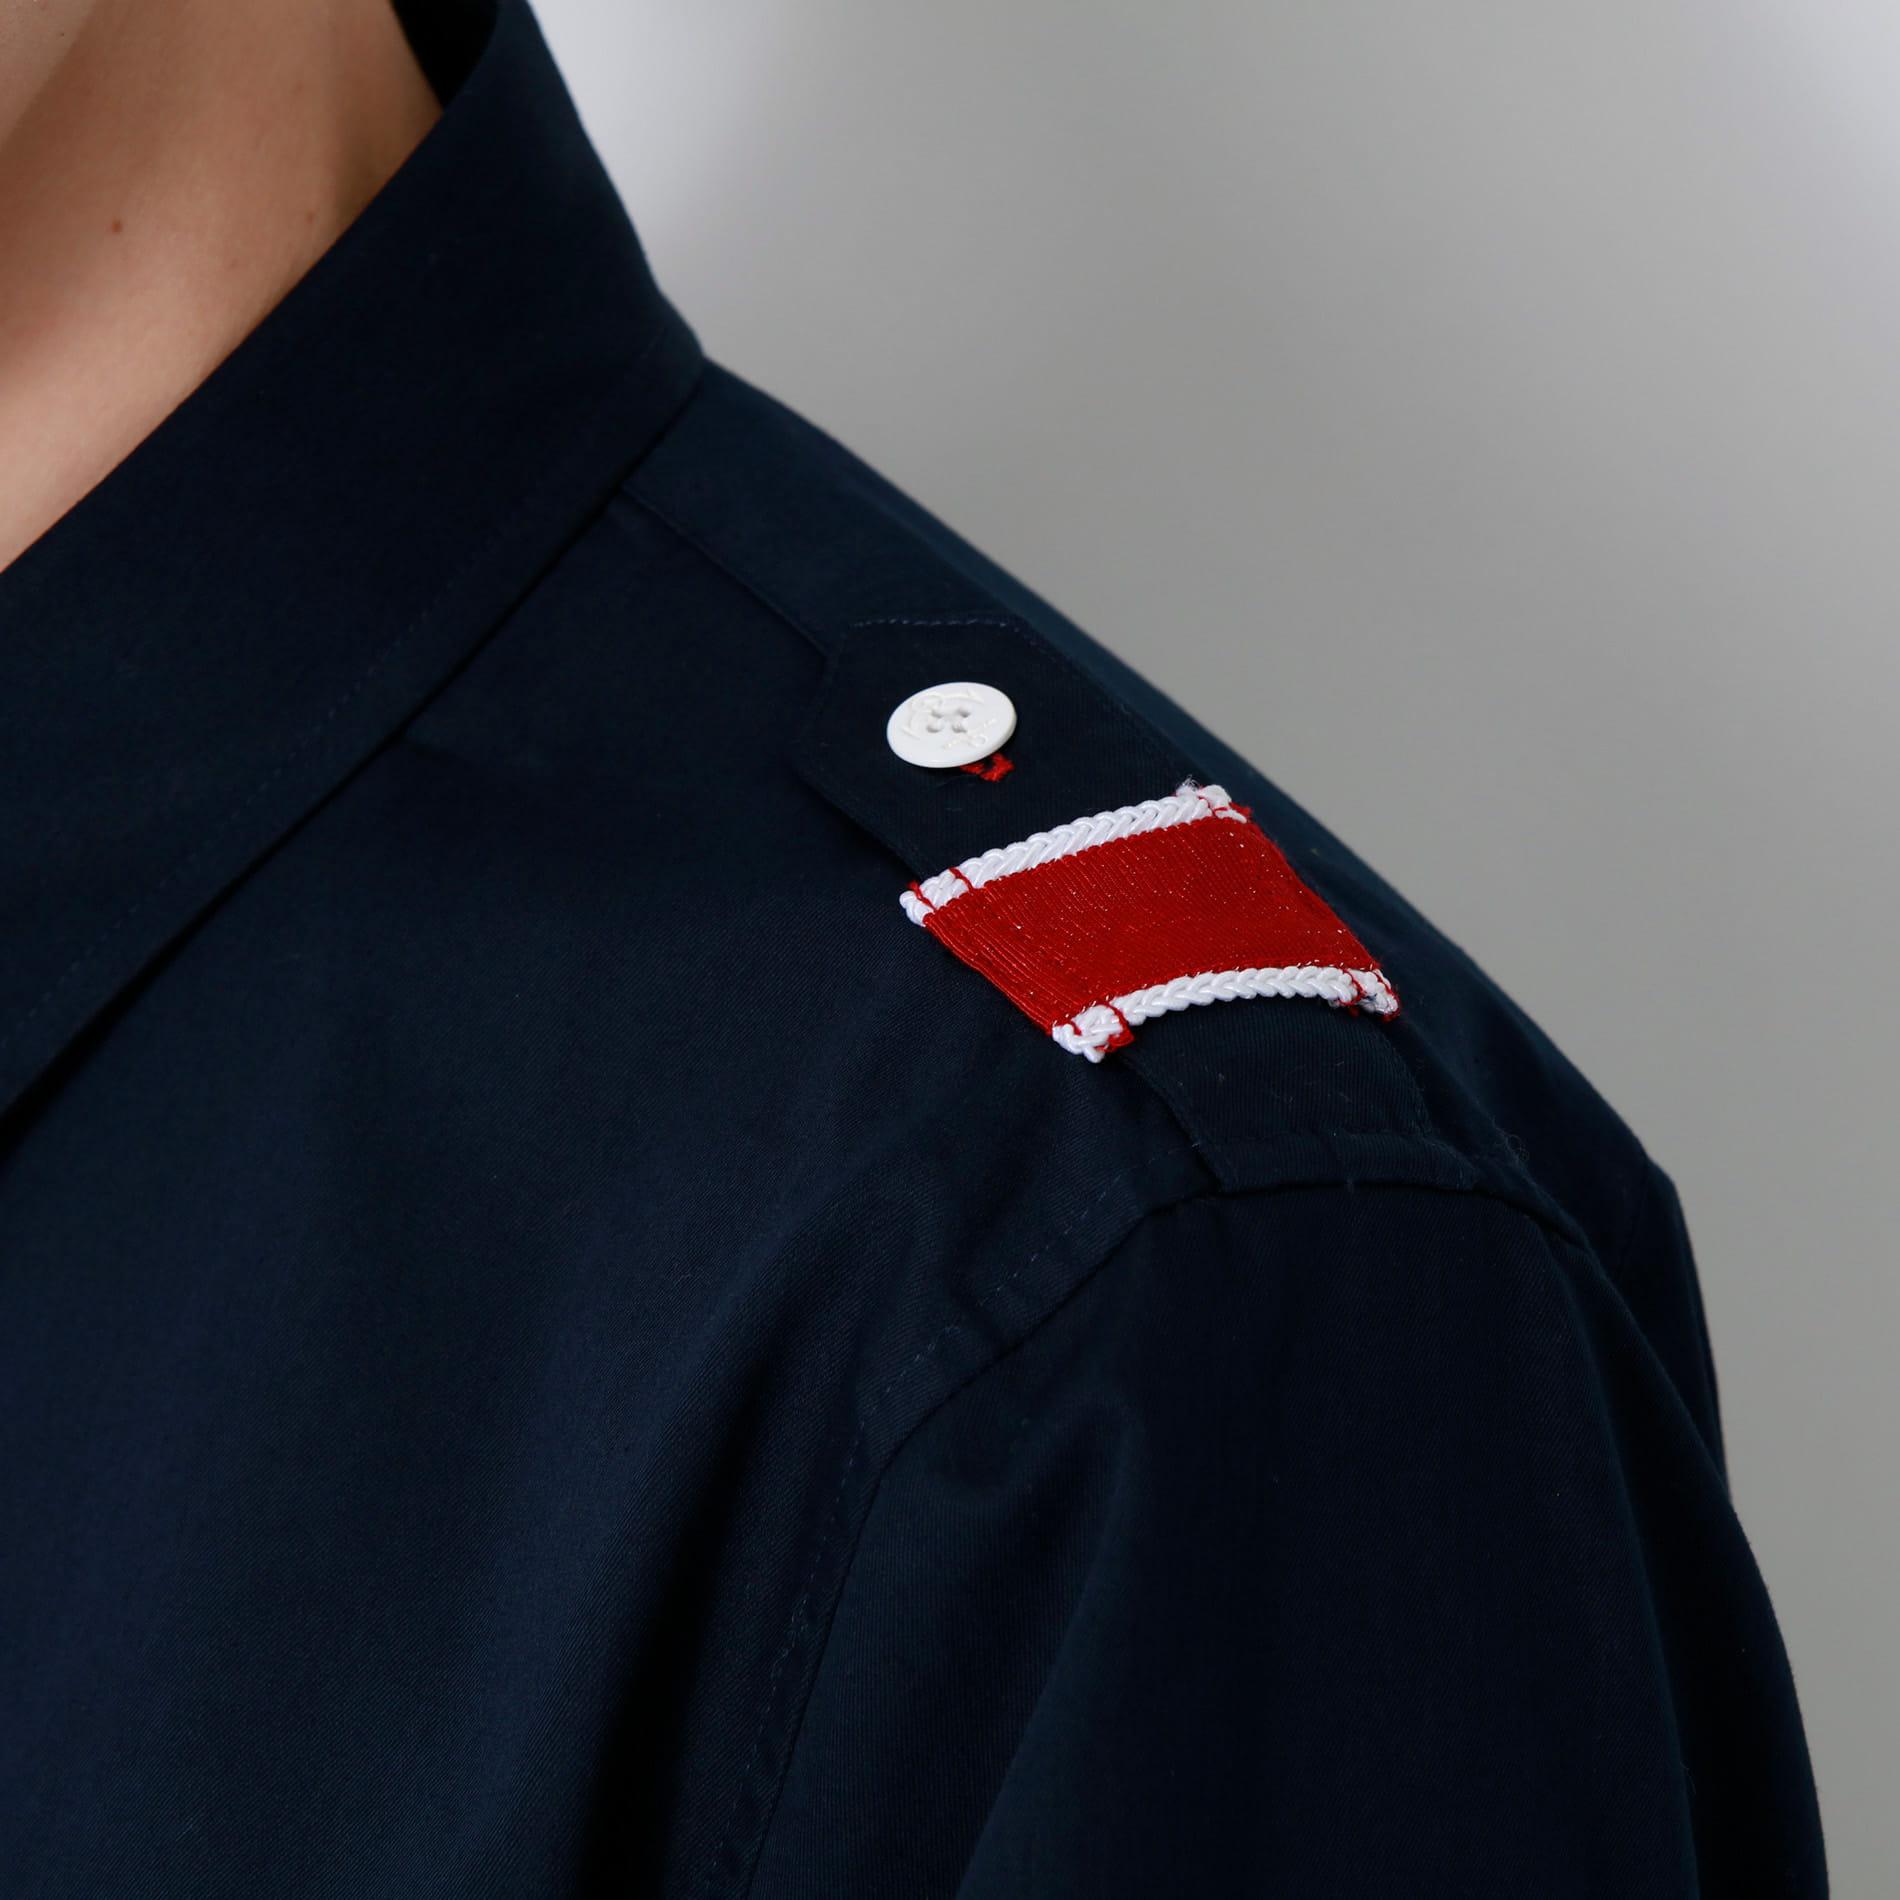 トリコロール ミリタリーナポレオンシャツ